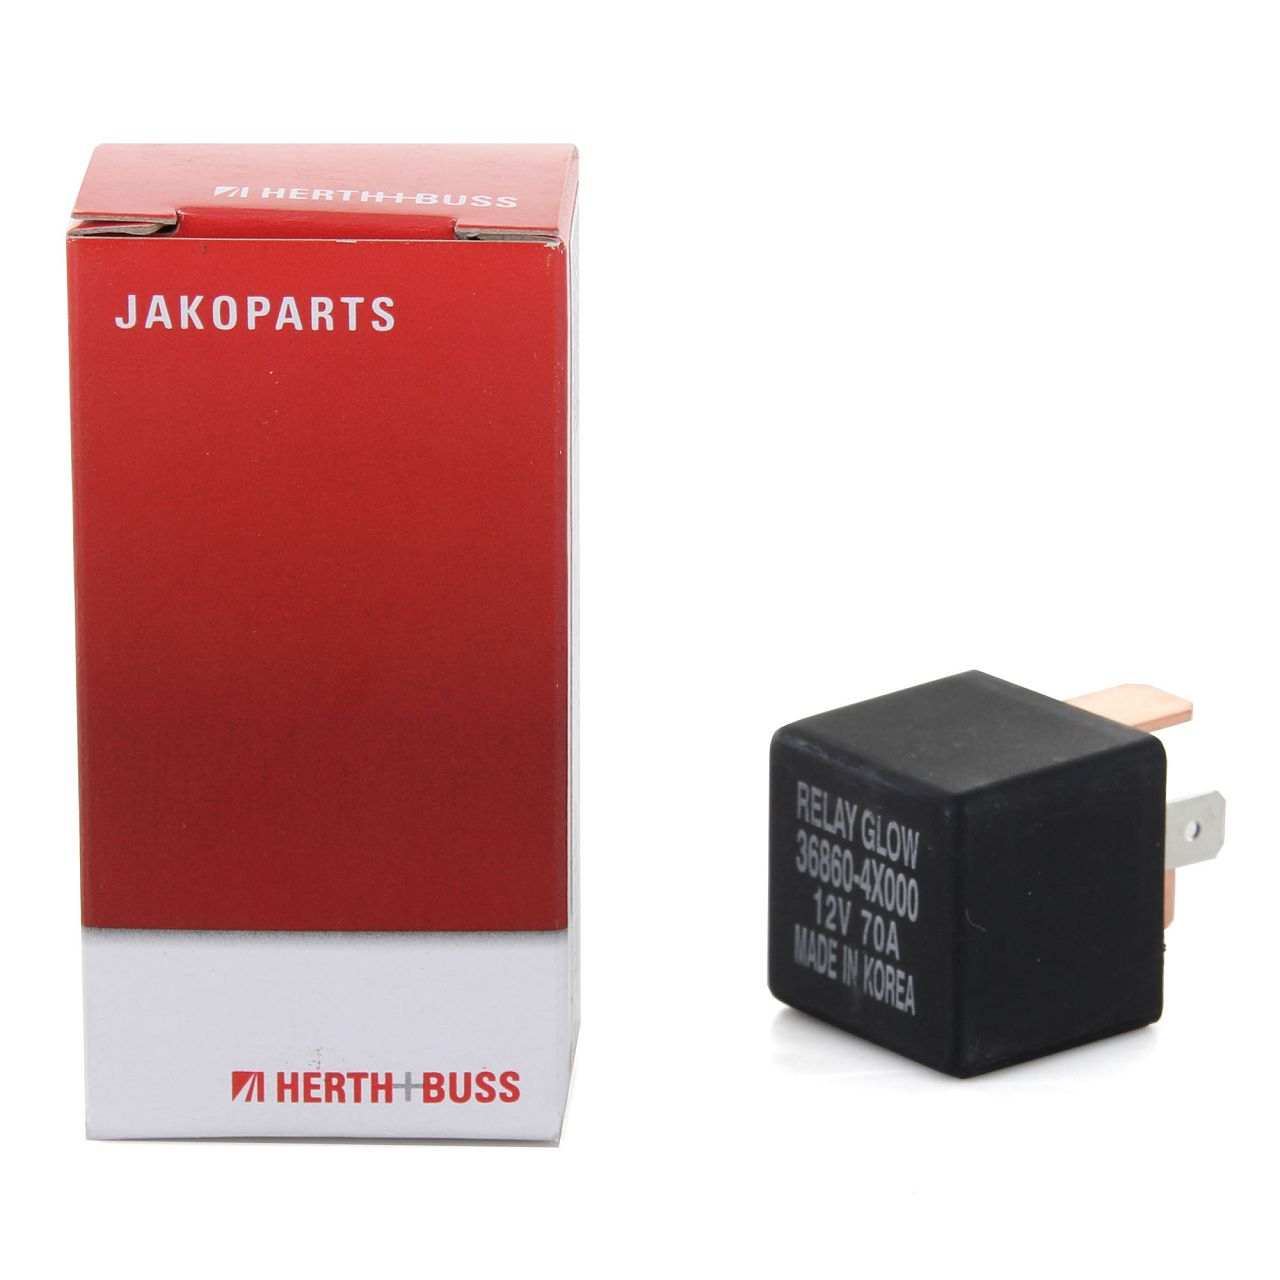 HERTH+BUSS JAKOPARTS J5720502 Relais Glühanlage für HYUNDAI KIA 36860-4X000